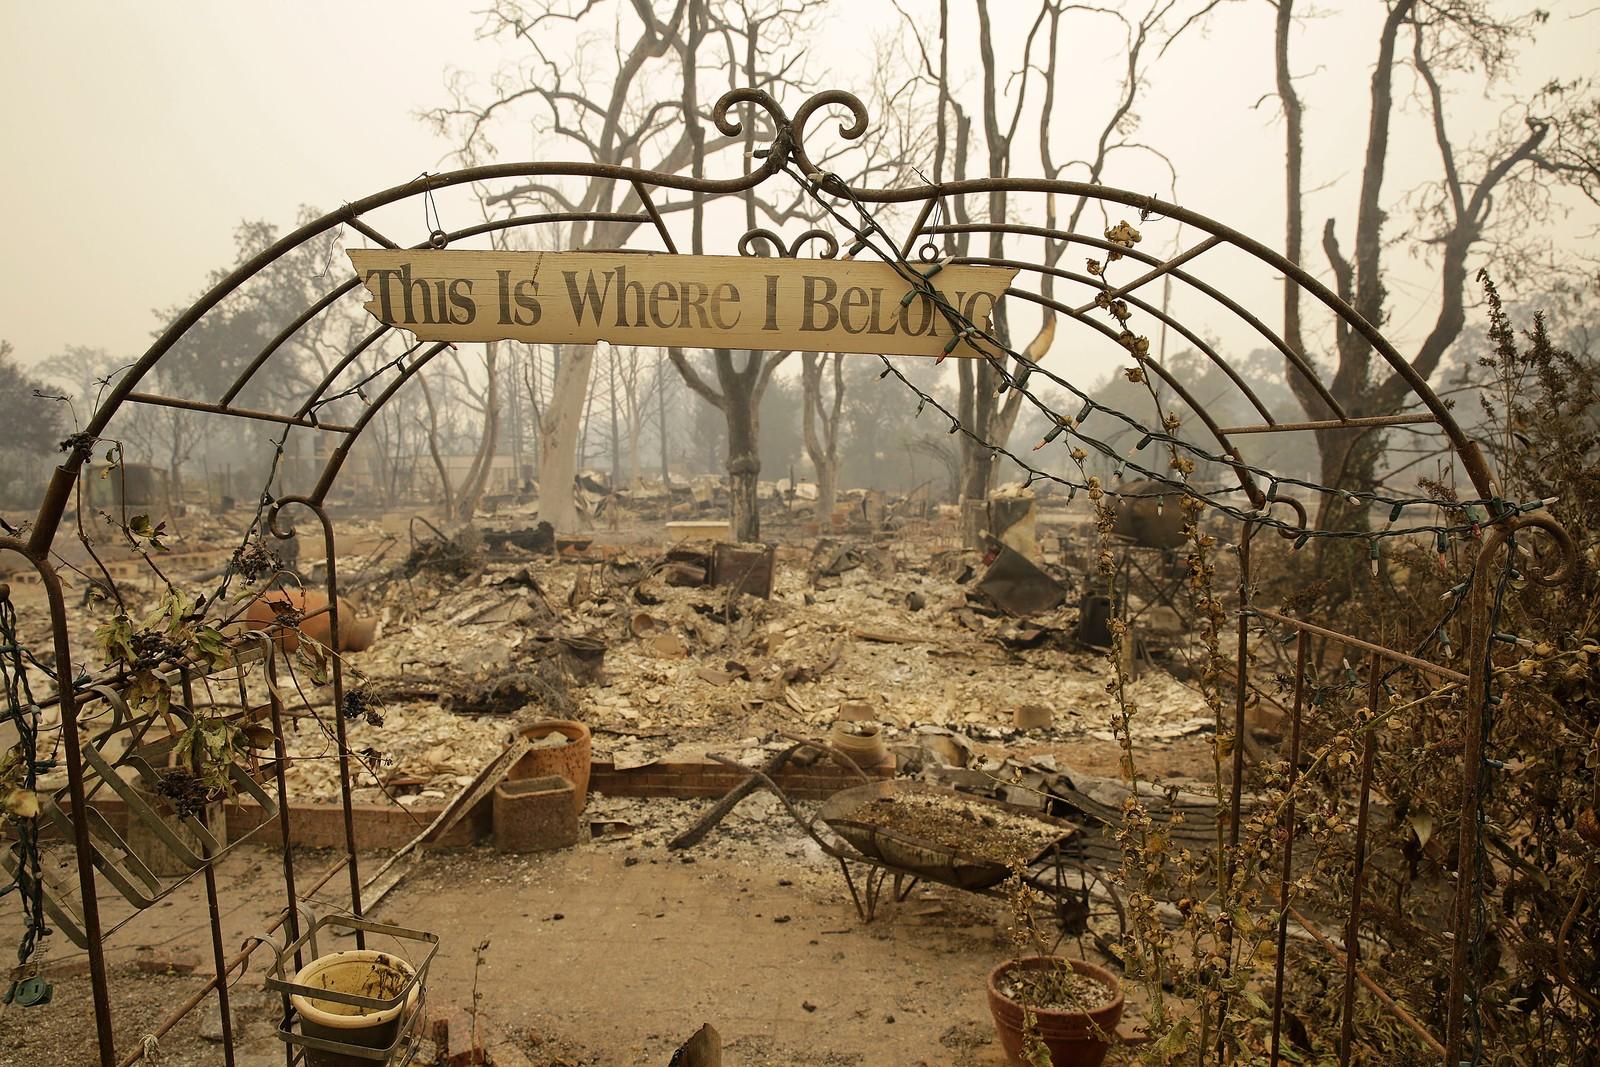 Skiltet og porten er omtrent det eneste som står igjen på denne eiendommen i Middletown etter skogbrannenes herjinger i California denne uken. Over hundre hjem ble ødelagt.